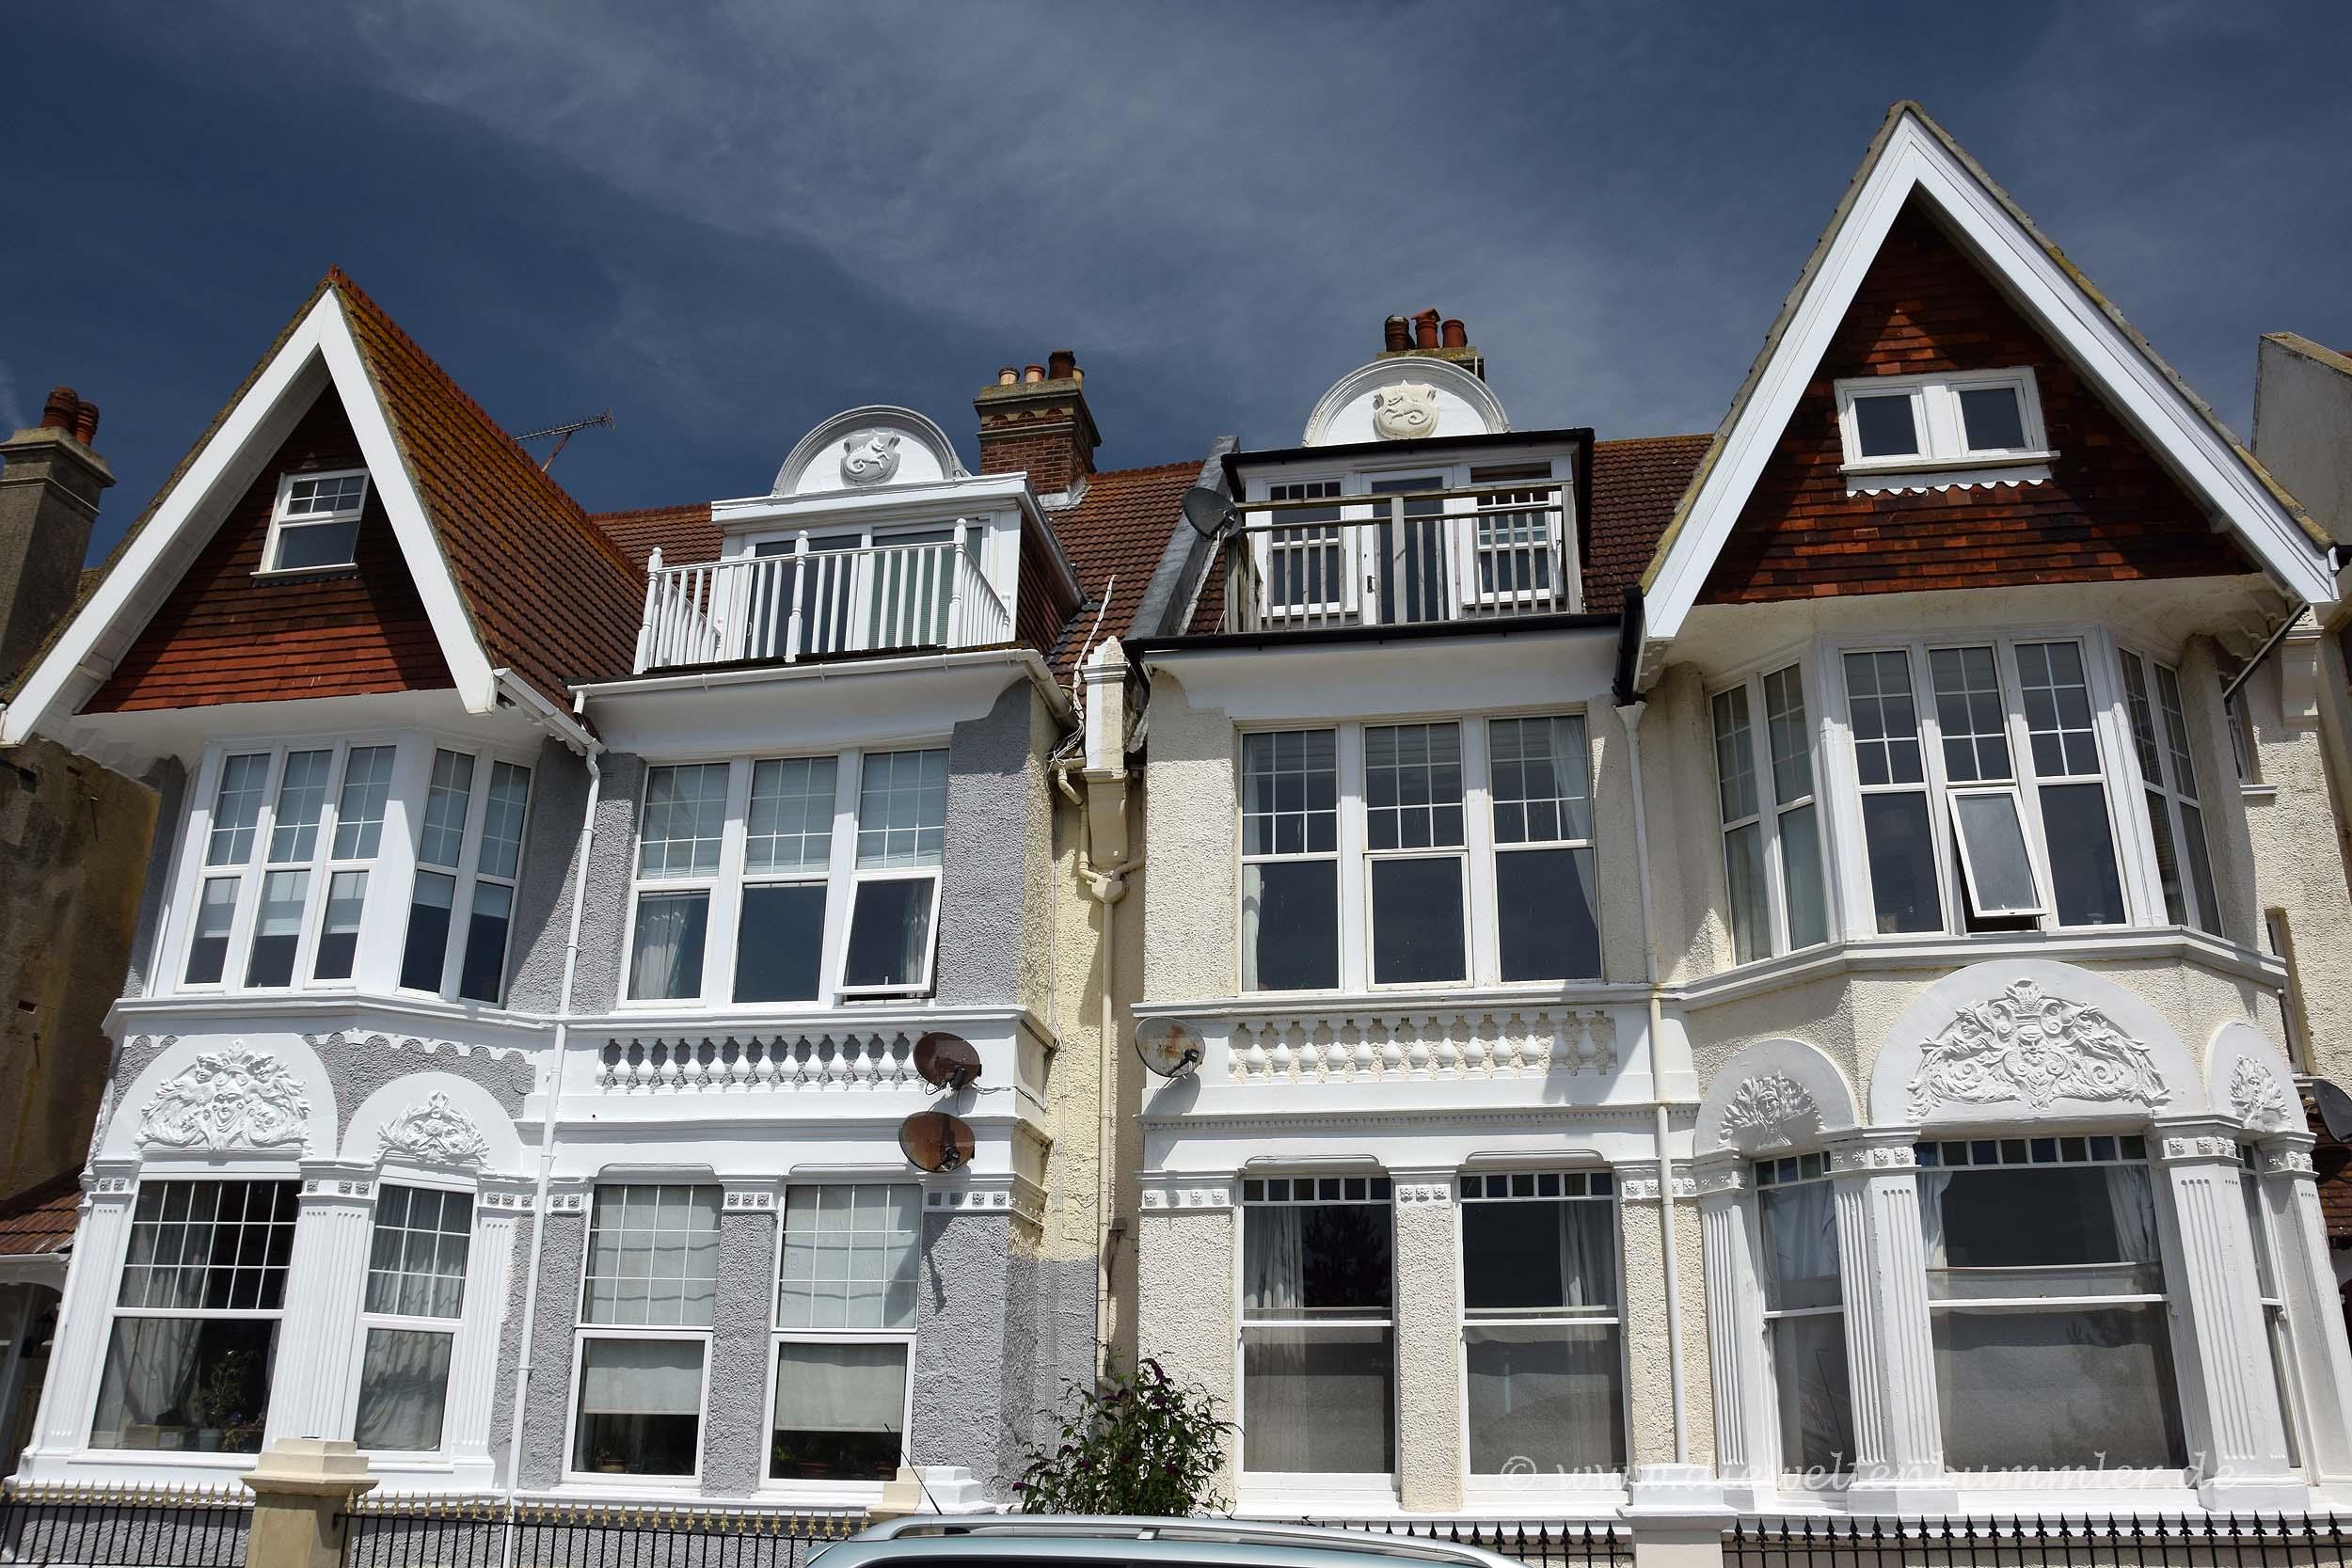 Südenglische Häuser